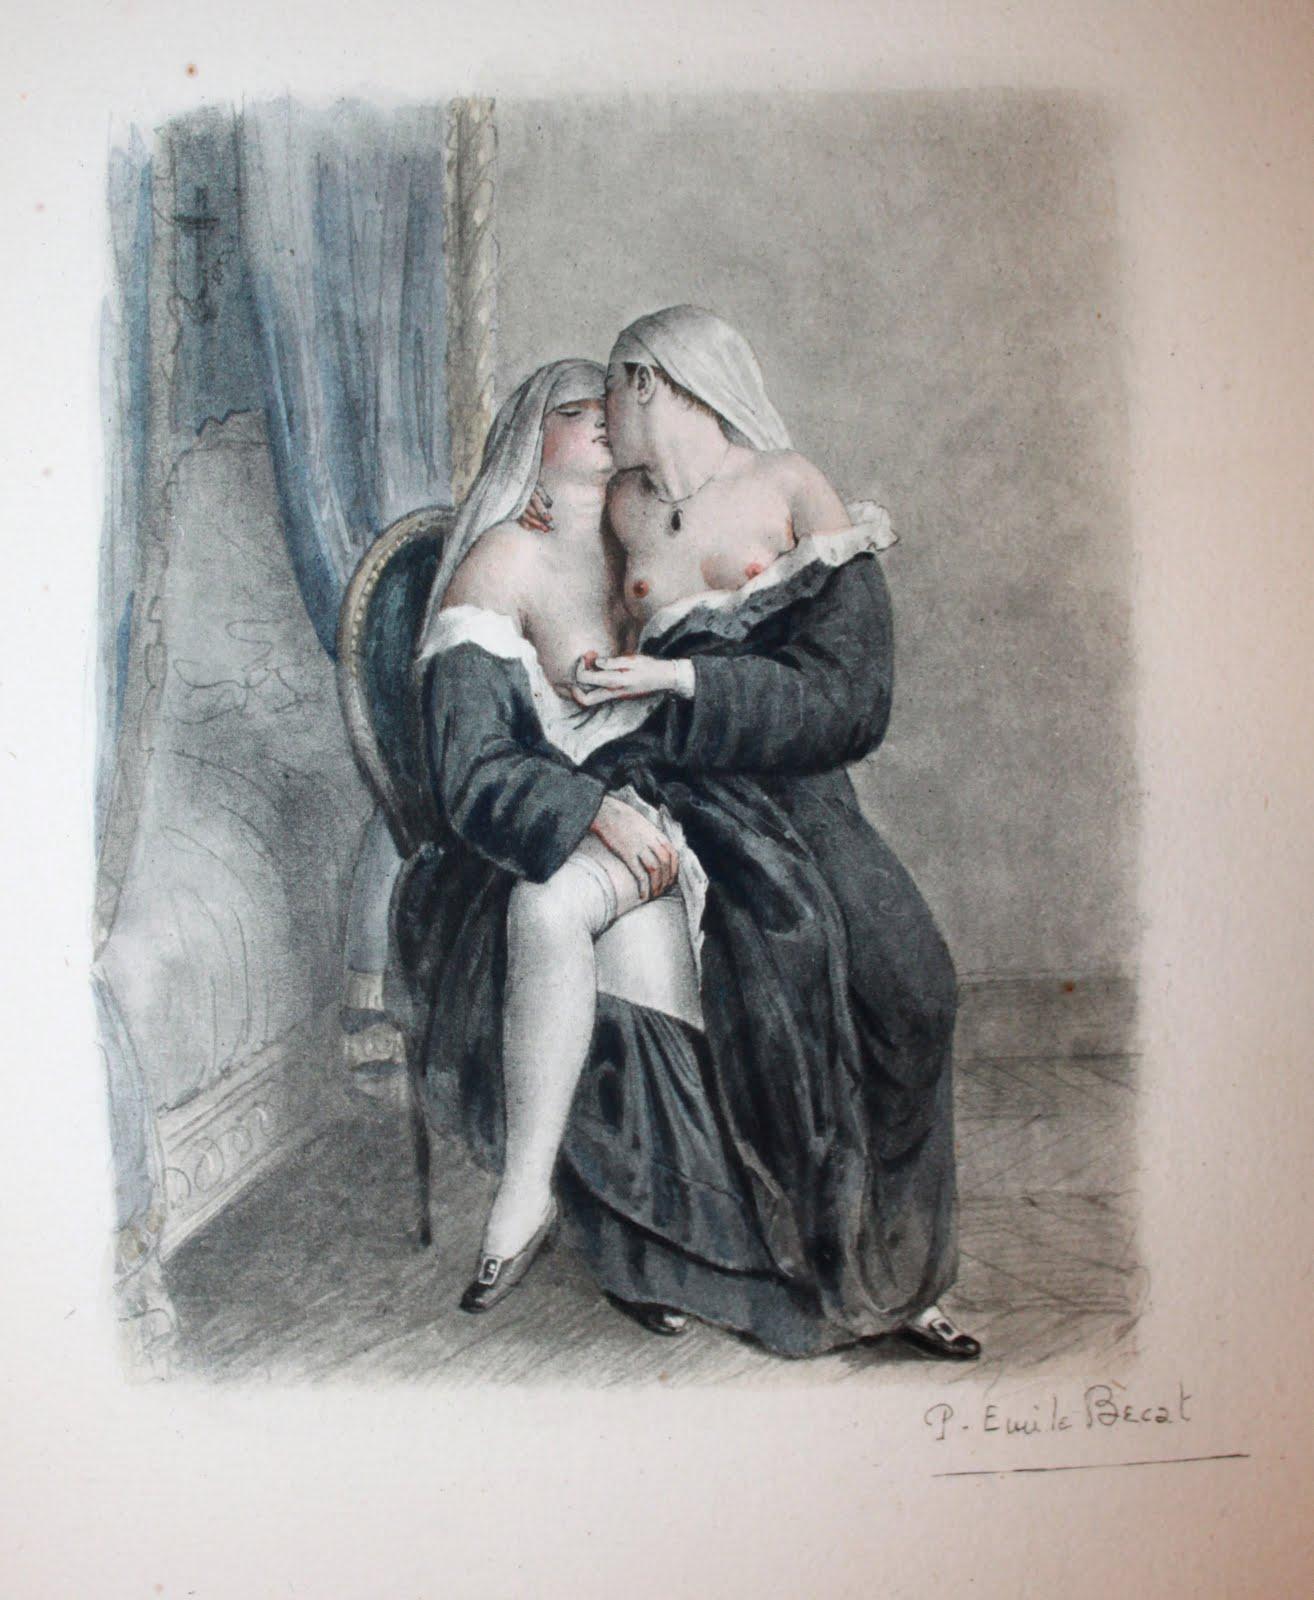 порнографические рисунки монахинь постоянно